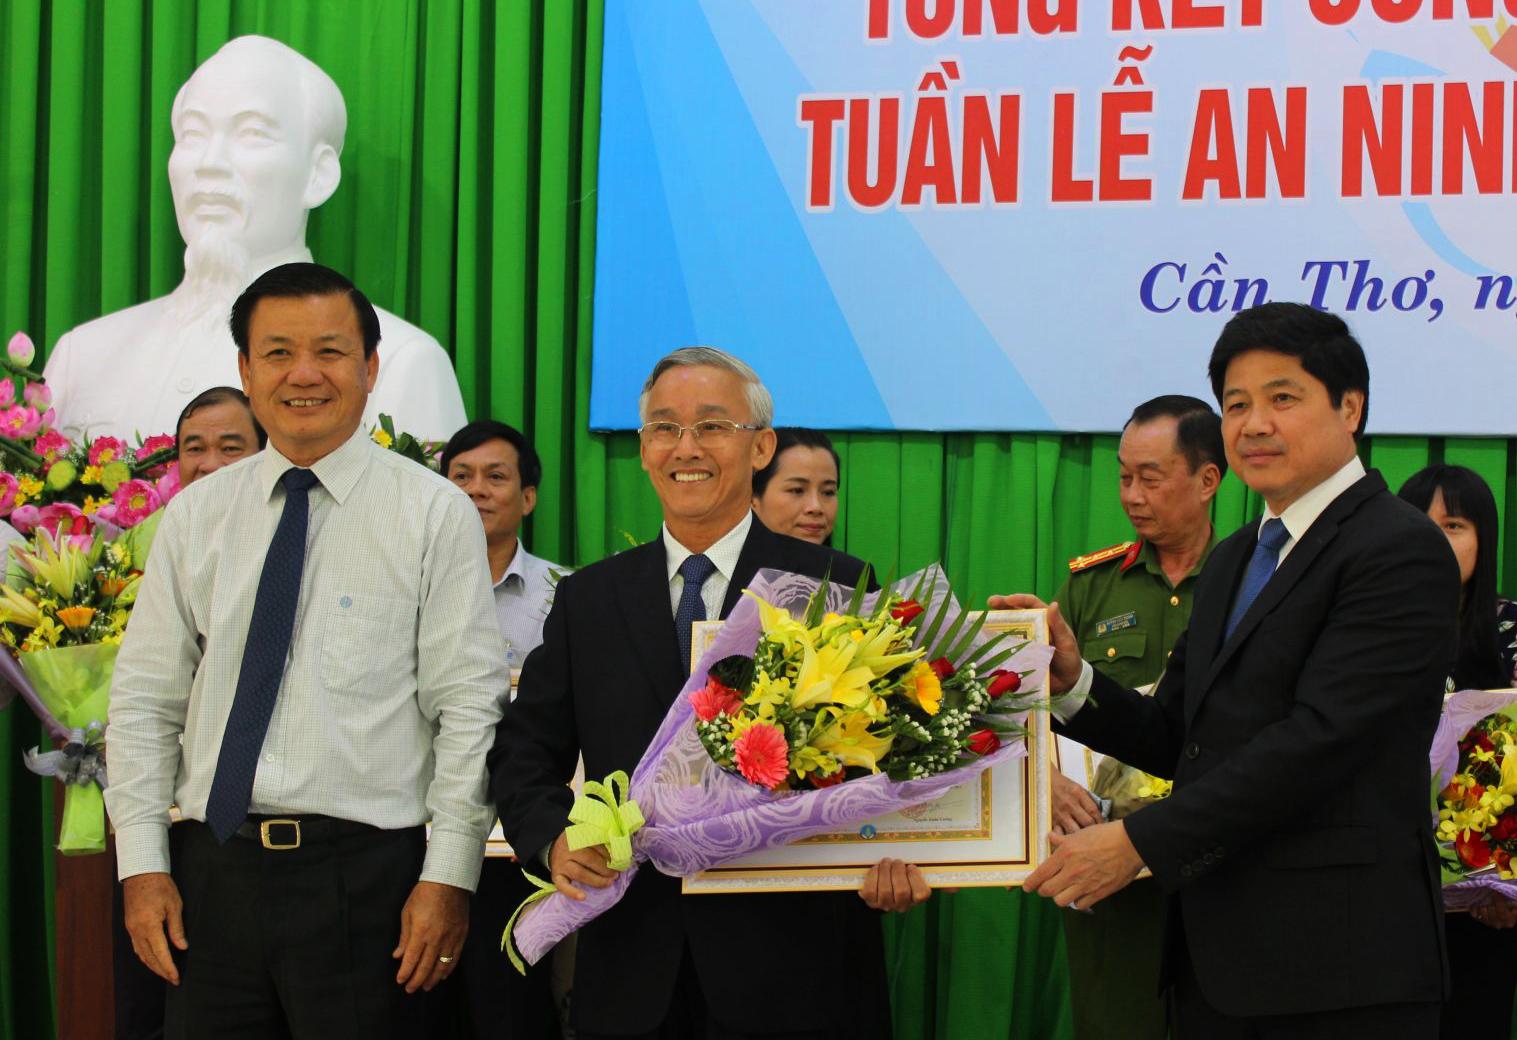 Lãnh đạo Bộ NN&PTNT và TP Cần Thơ trao bằng khen cho các tập thể có thành tích xuất sắc trong tổ chức hội nghị APEC tại TP Cần Thơ. Ảnh: ANH KHOA